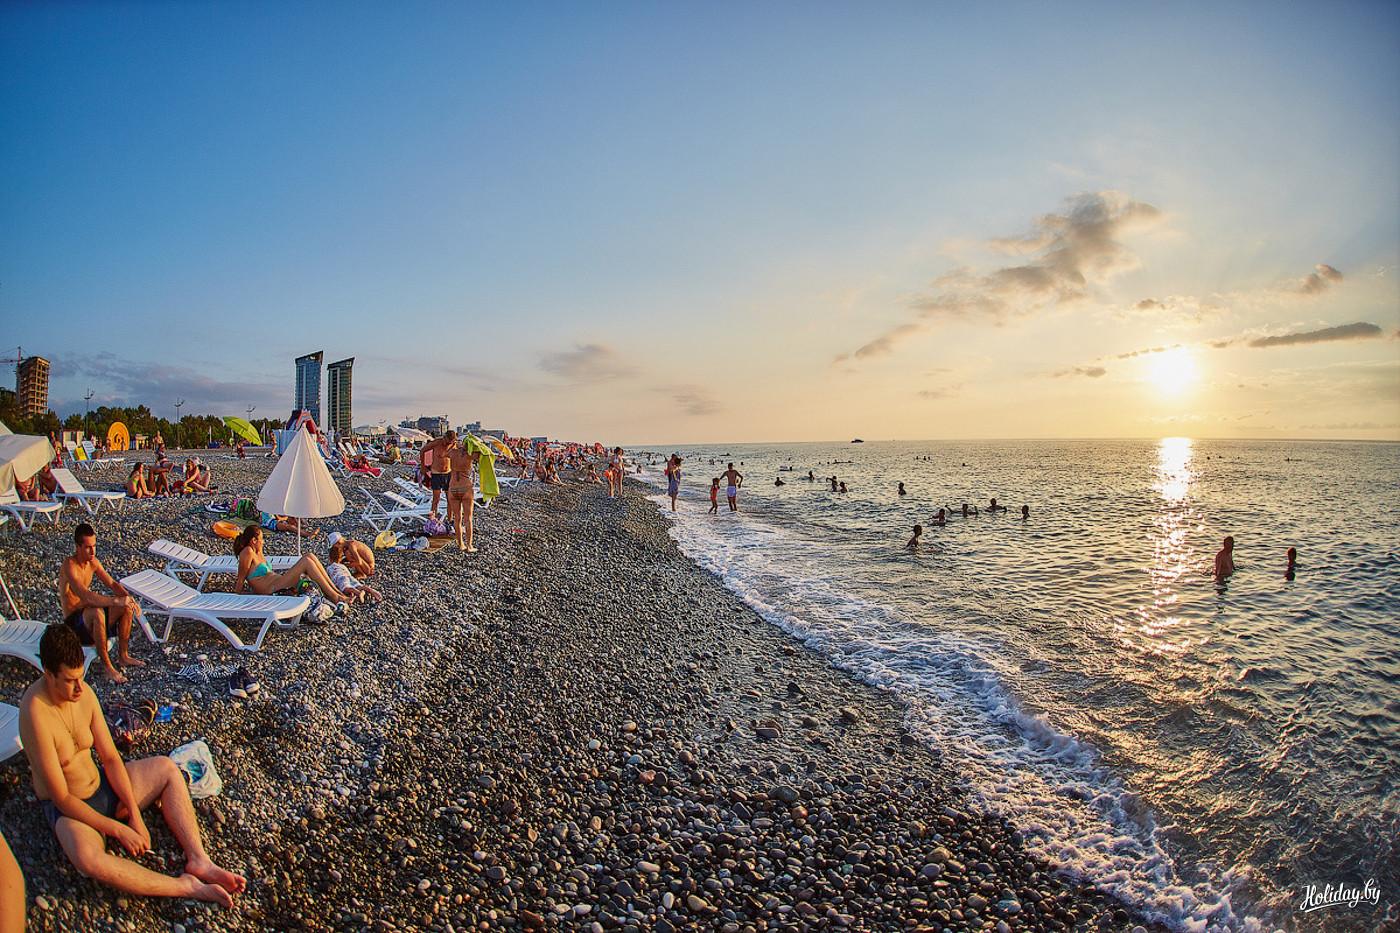 Пляж в краснодаре фотографии рентген копчика